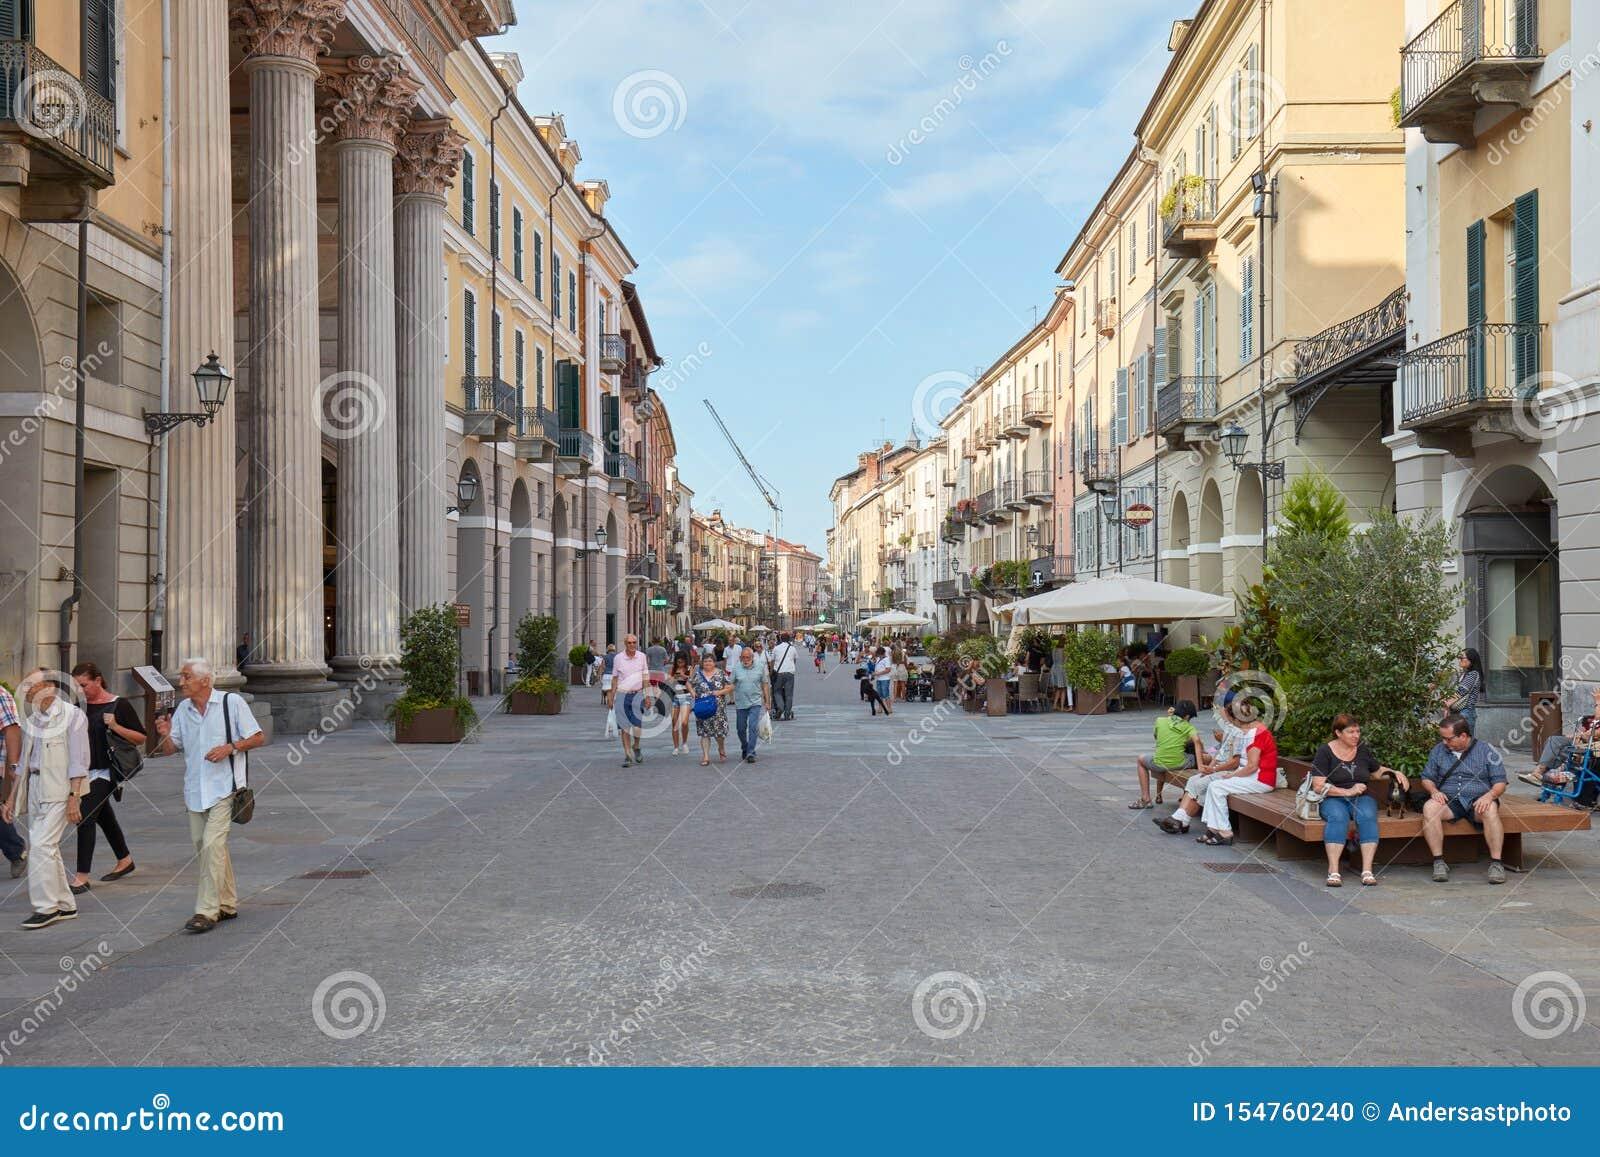 Het winkelen straat via Rome met mensen en historische gebouwen die in Cuneo, Italië lopen